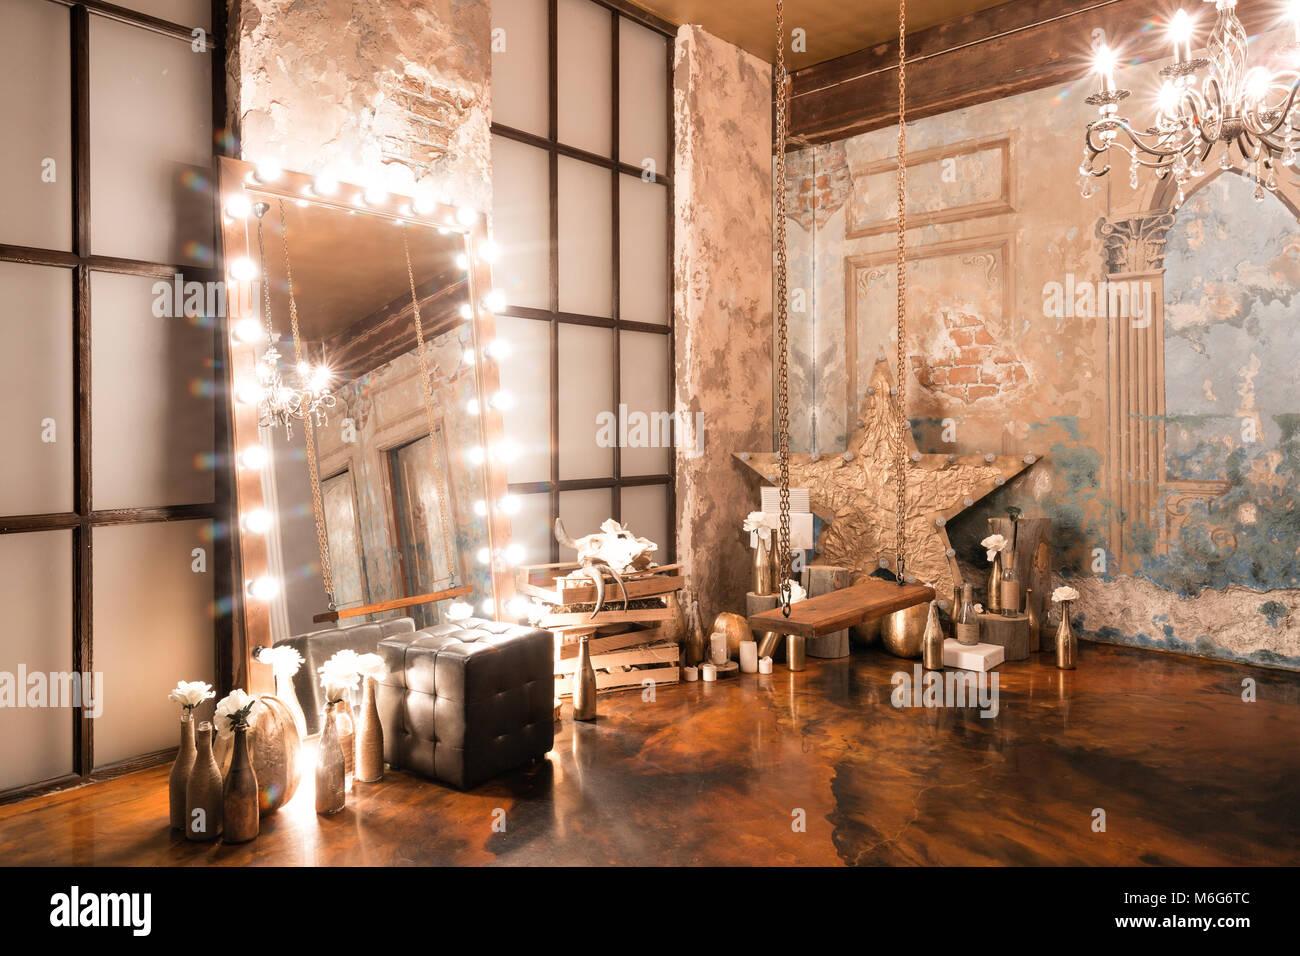 Loft Innenraum mit Spiegel, Kerzen, Mauer, große Fenster, Wohnzimmer ...